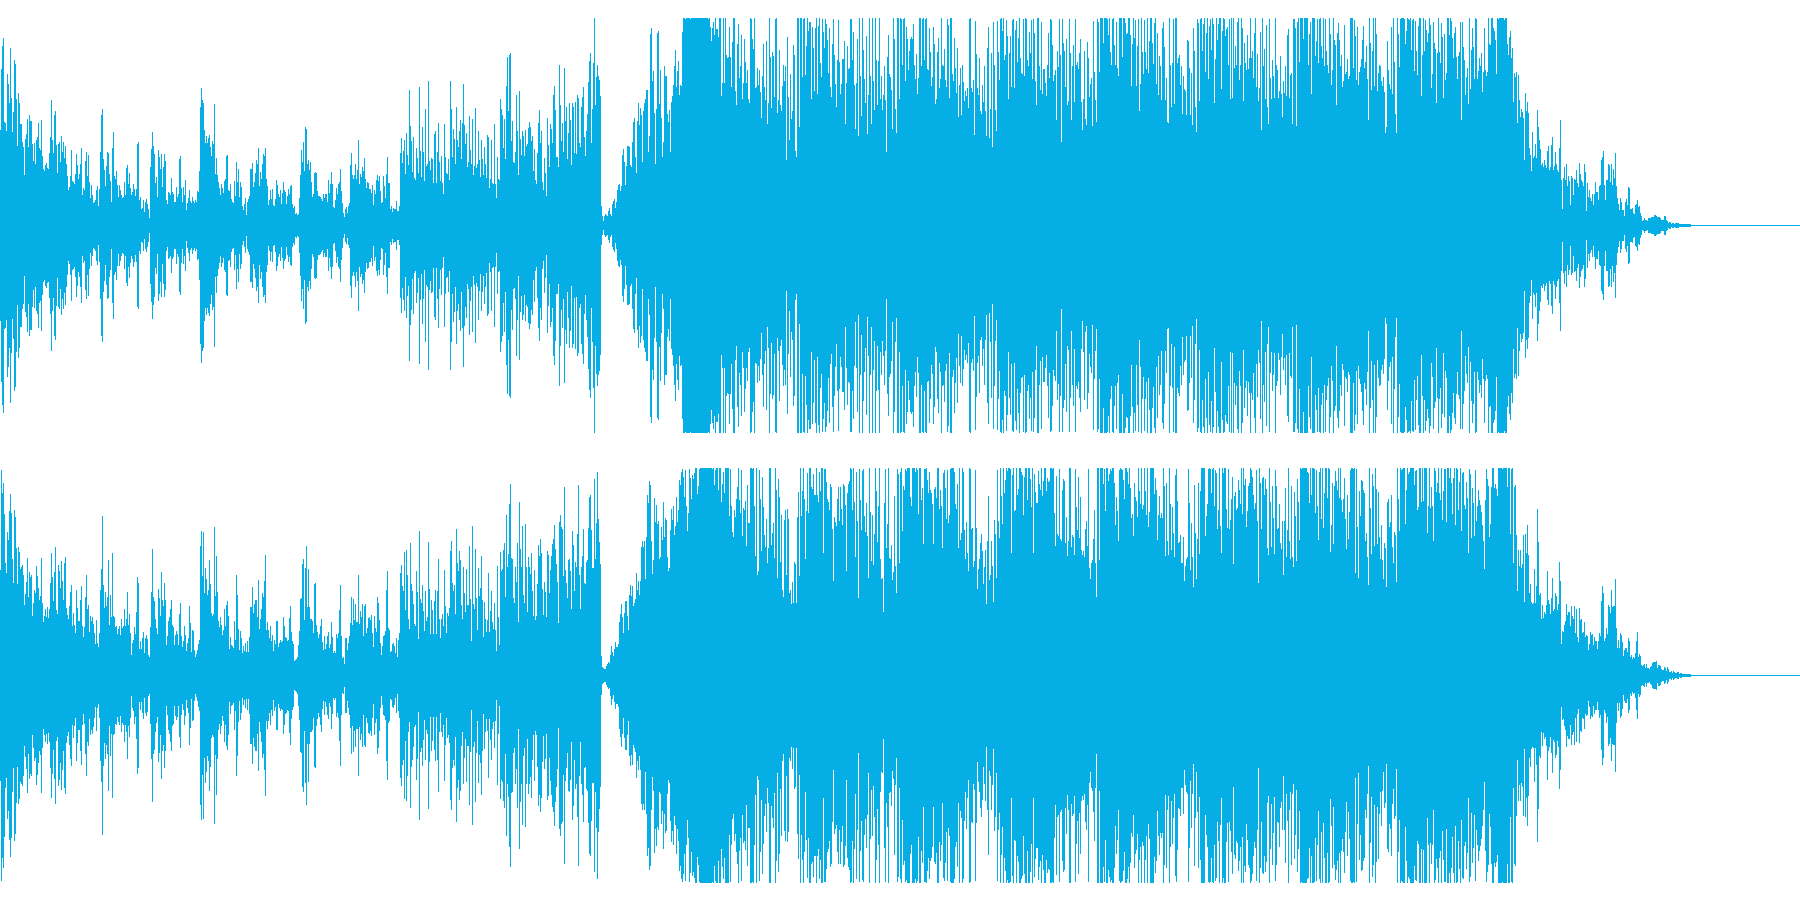 ハリウッド映画トレイラー風の重厚な曲の再生済みの波形